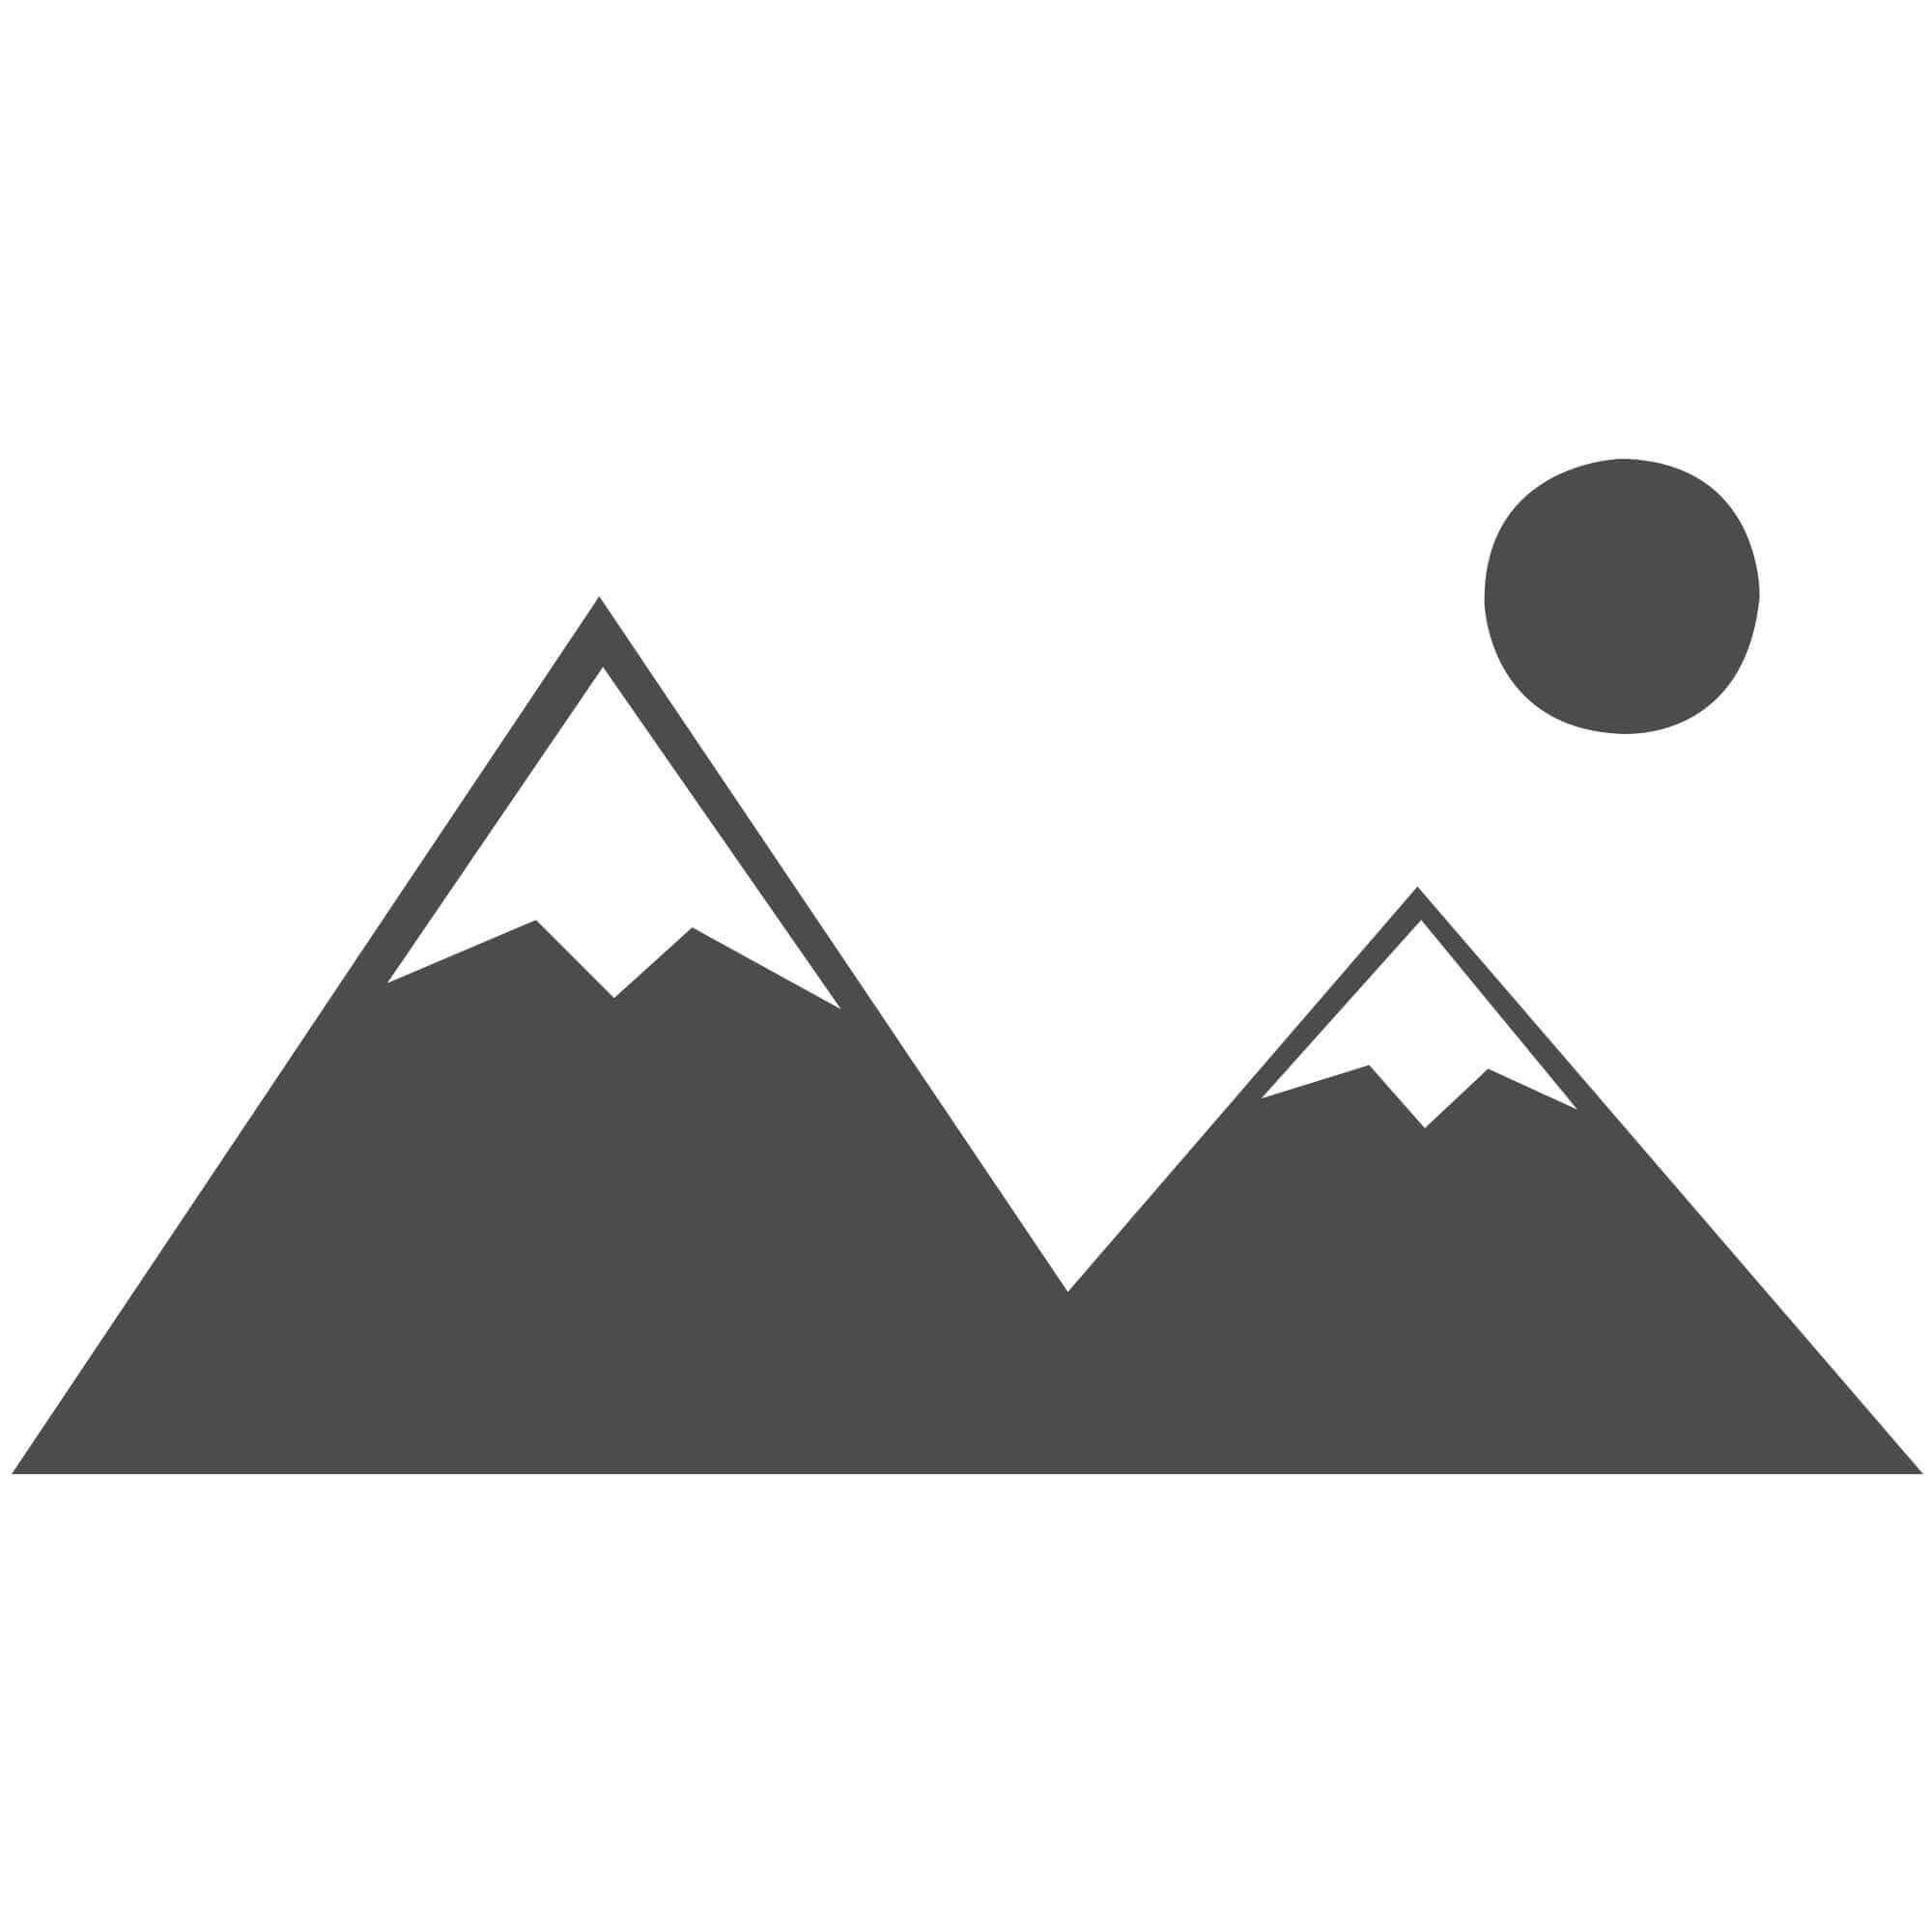 """Cube Shaggy Rug - Grey - Size 120 x 170 cm (4' x 5'7"""")"""